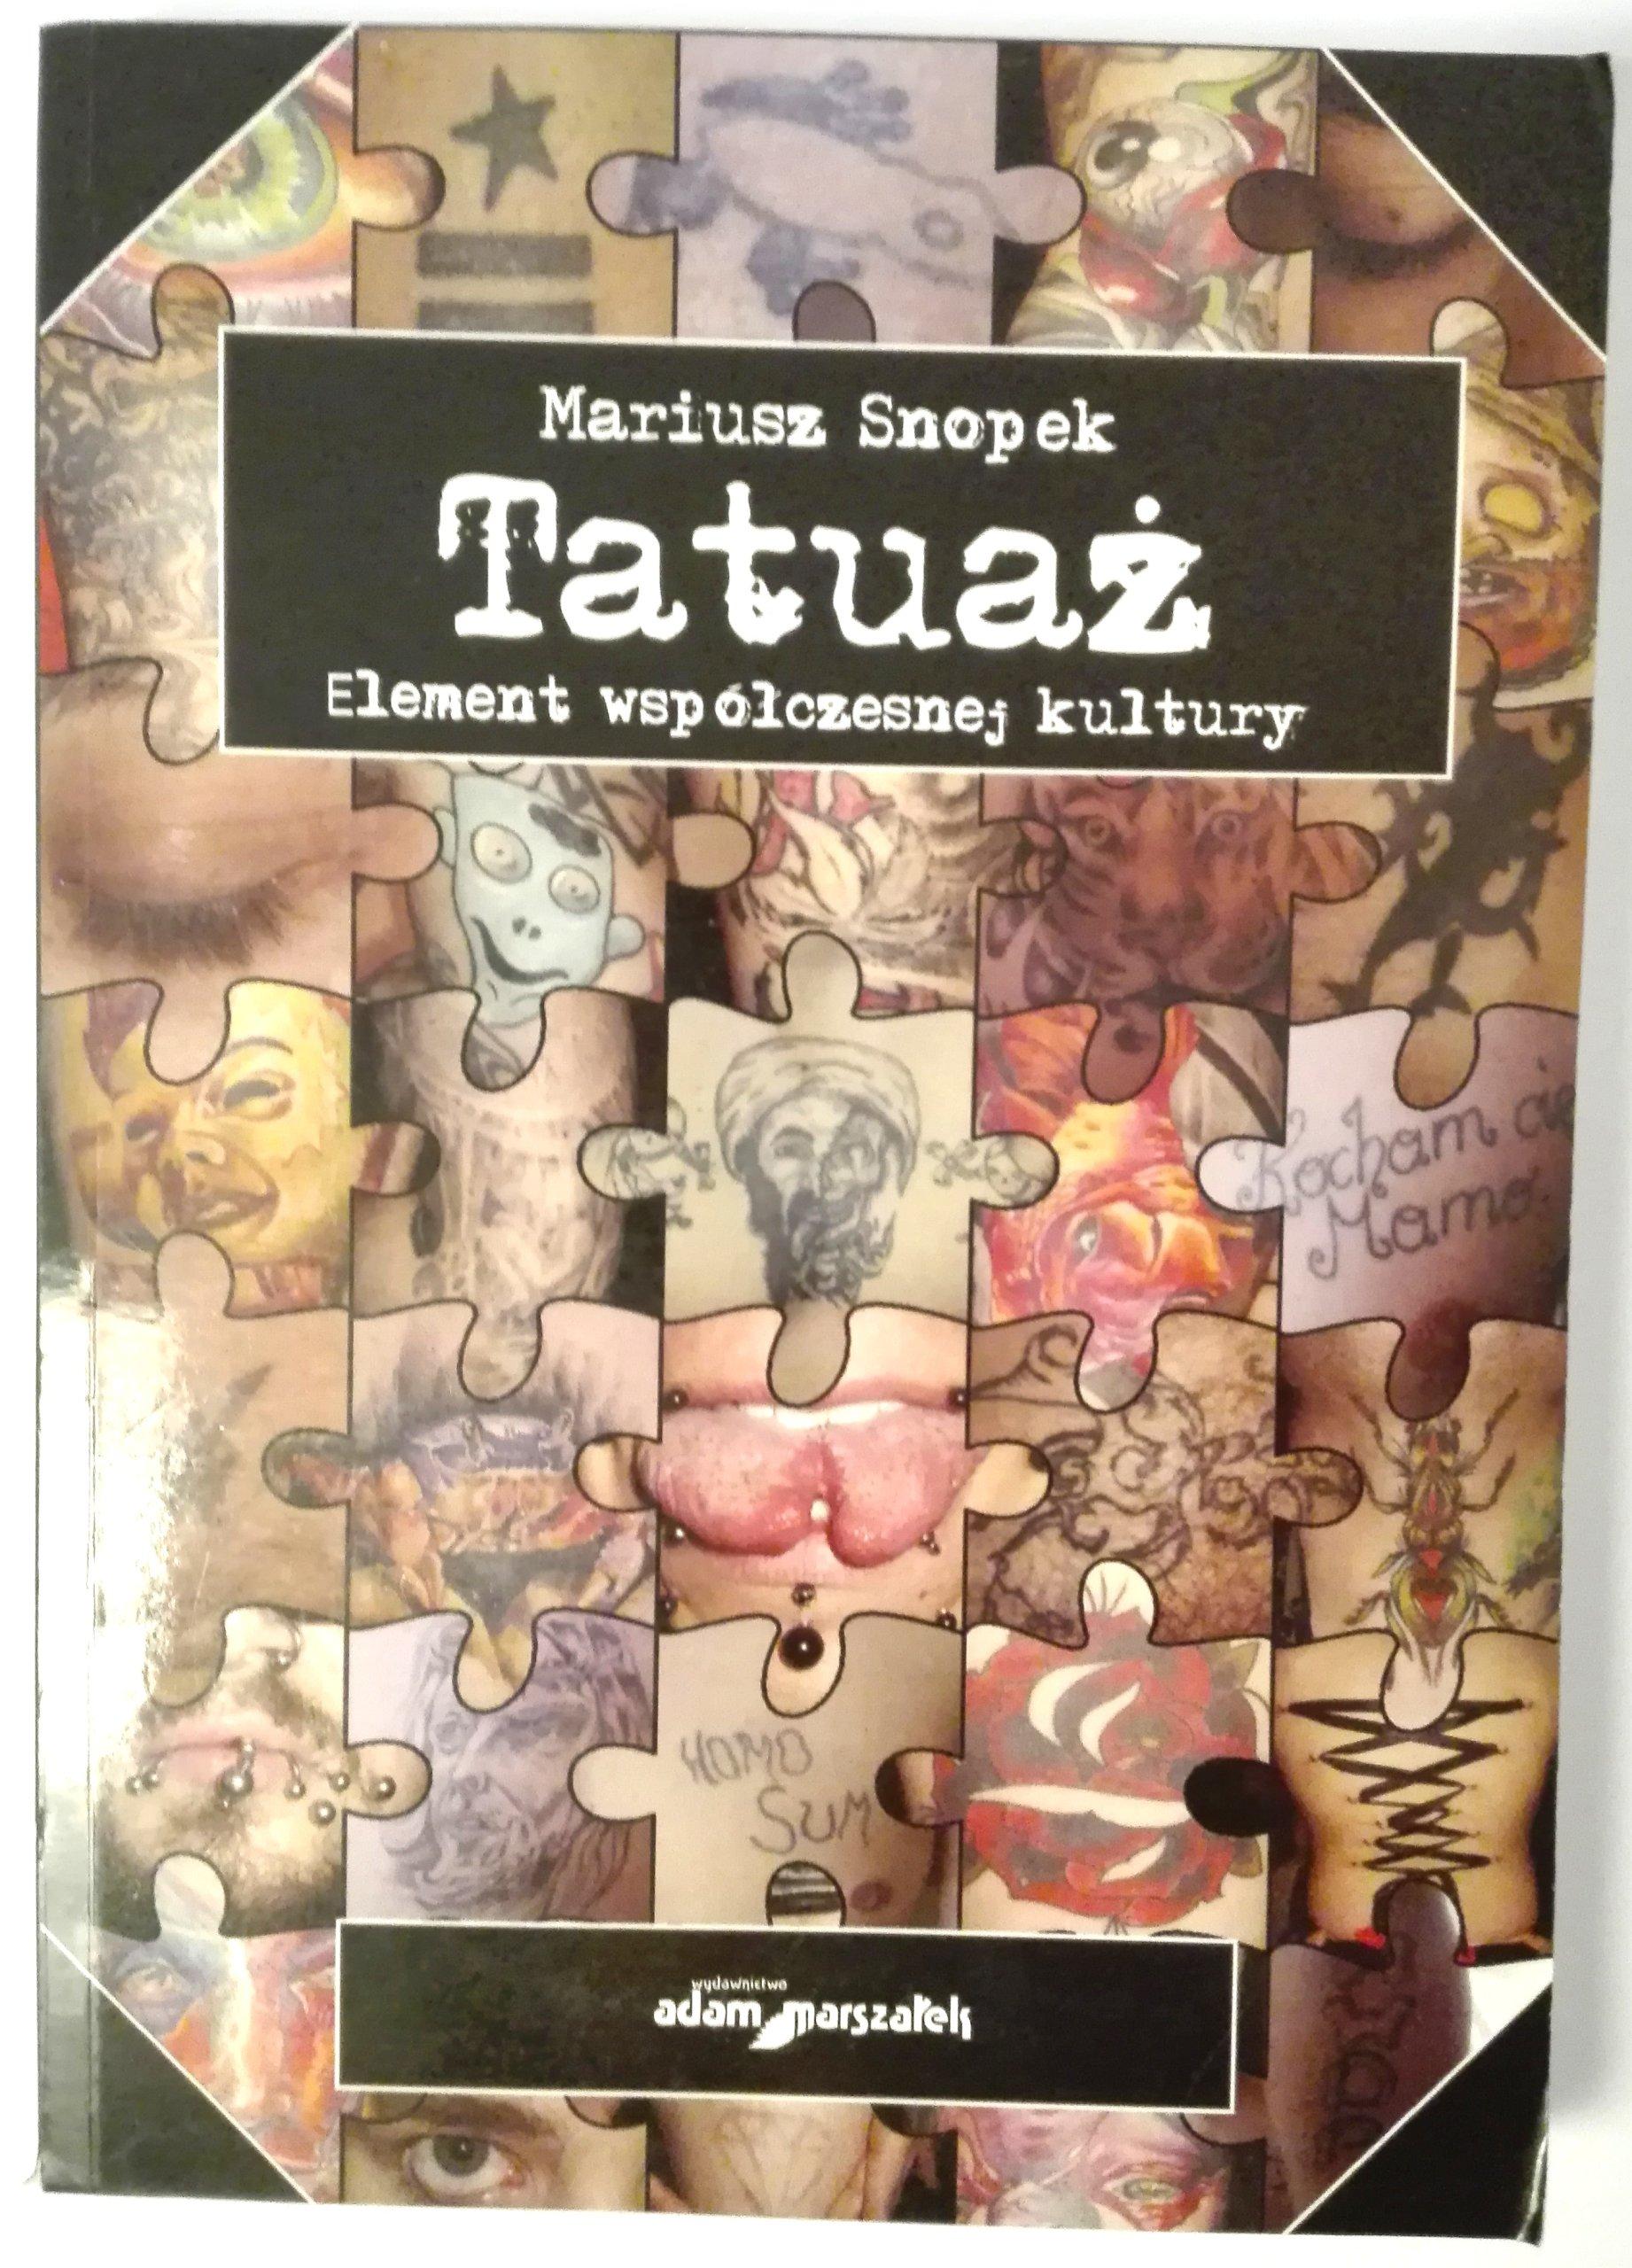 Tatuaż Mariusz Snopek Tatuaże Robienie Tatuaży